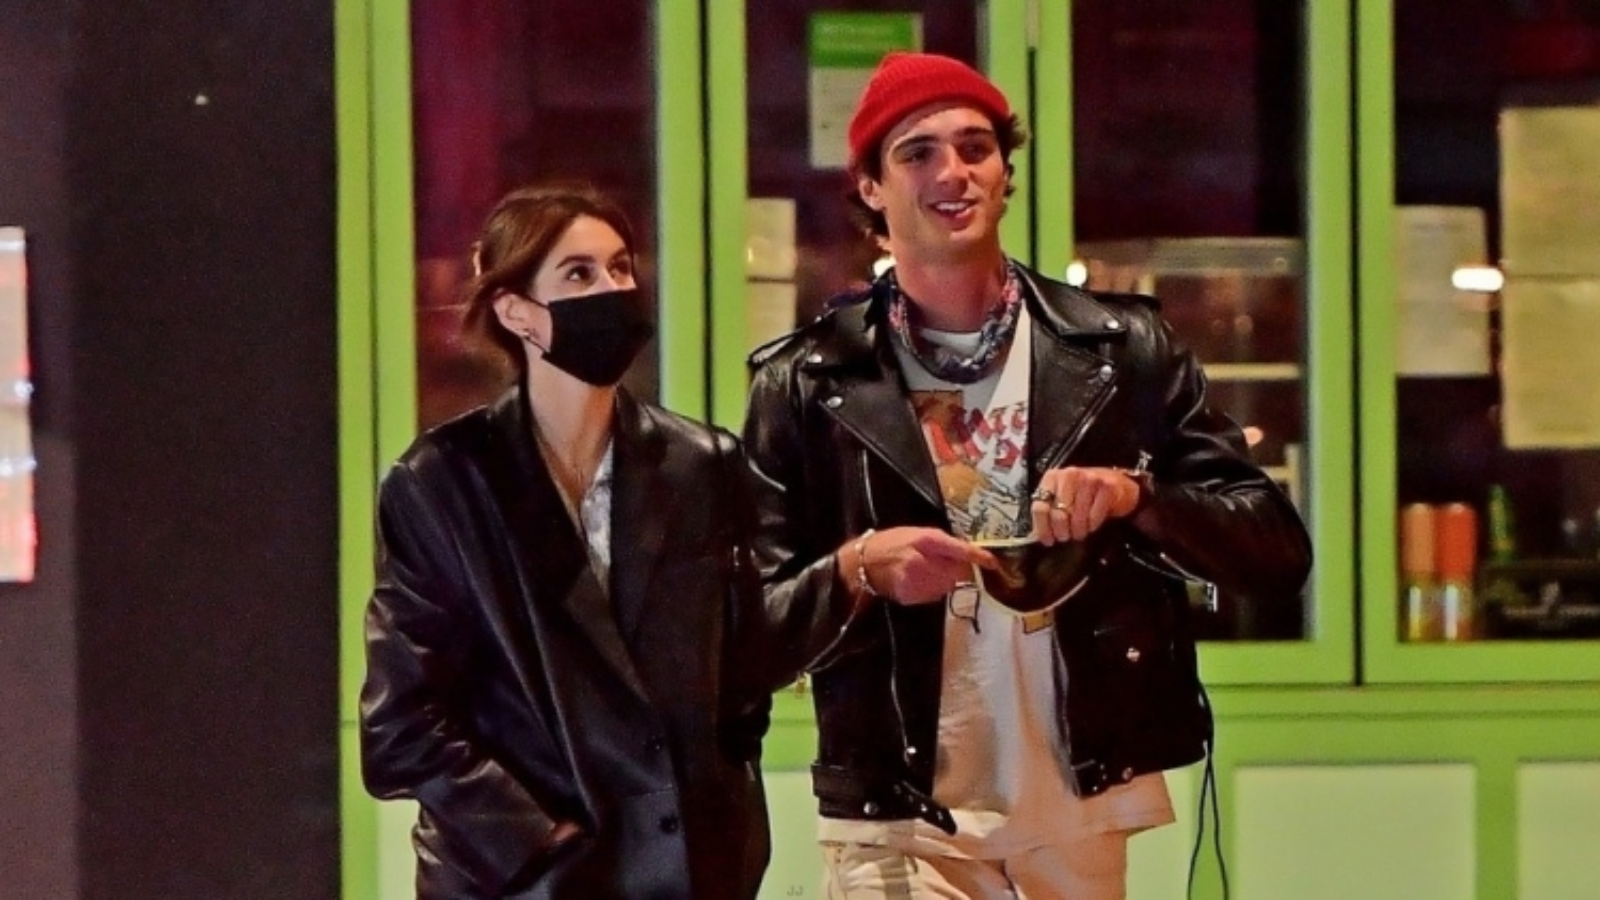 Kaia Gerber thanh lịch đi chơi đêm cùng bạn trai